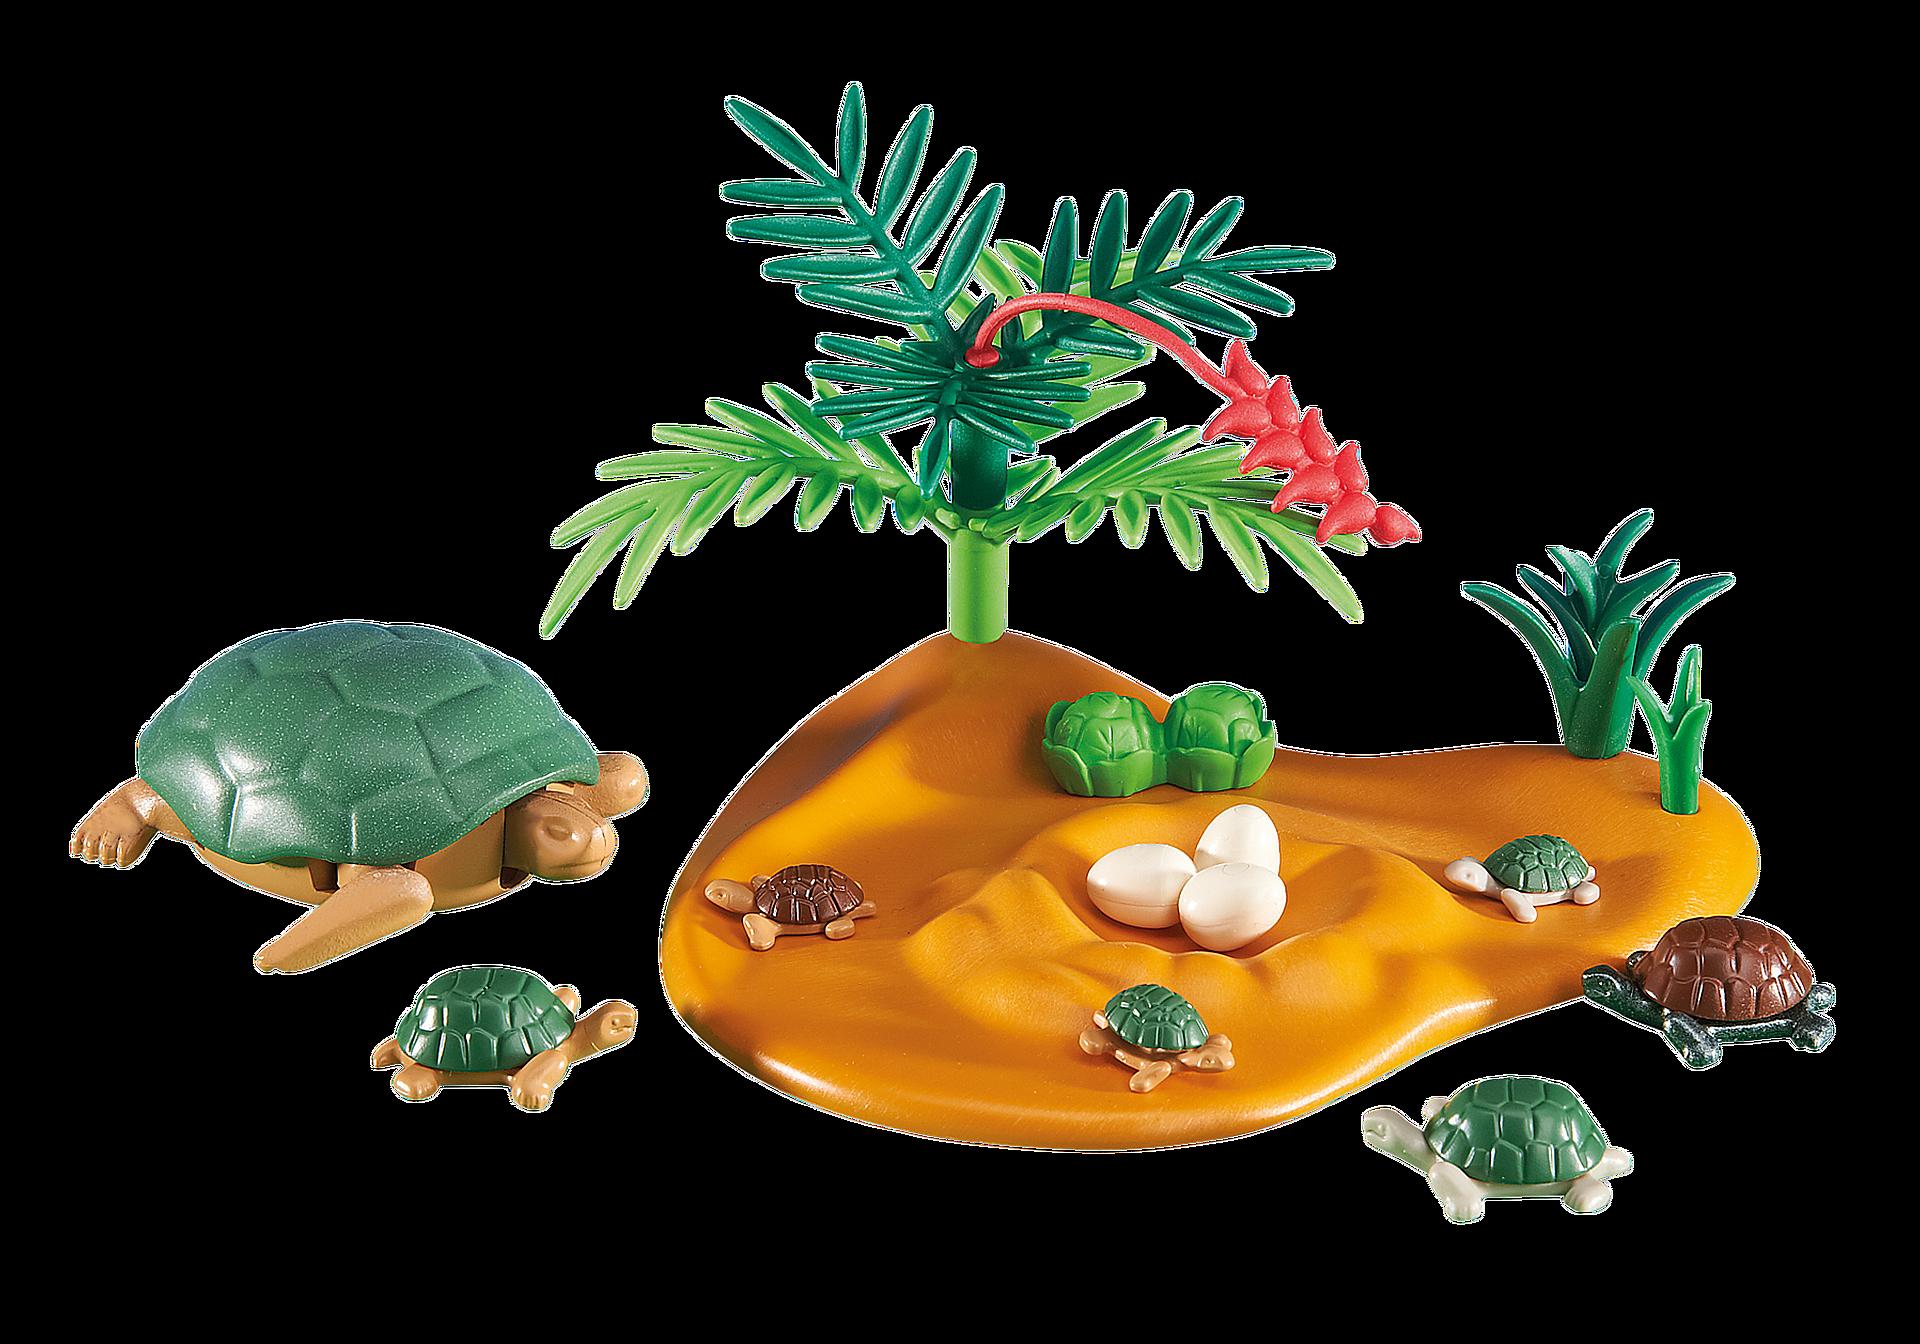 6420 Żółwie zoom image1